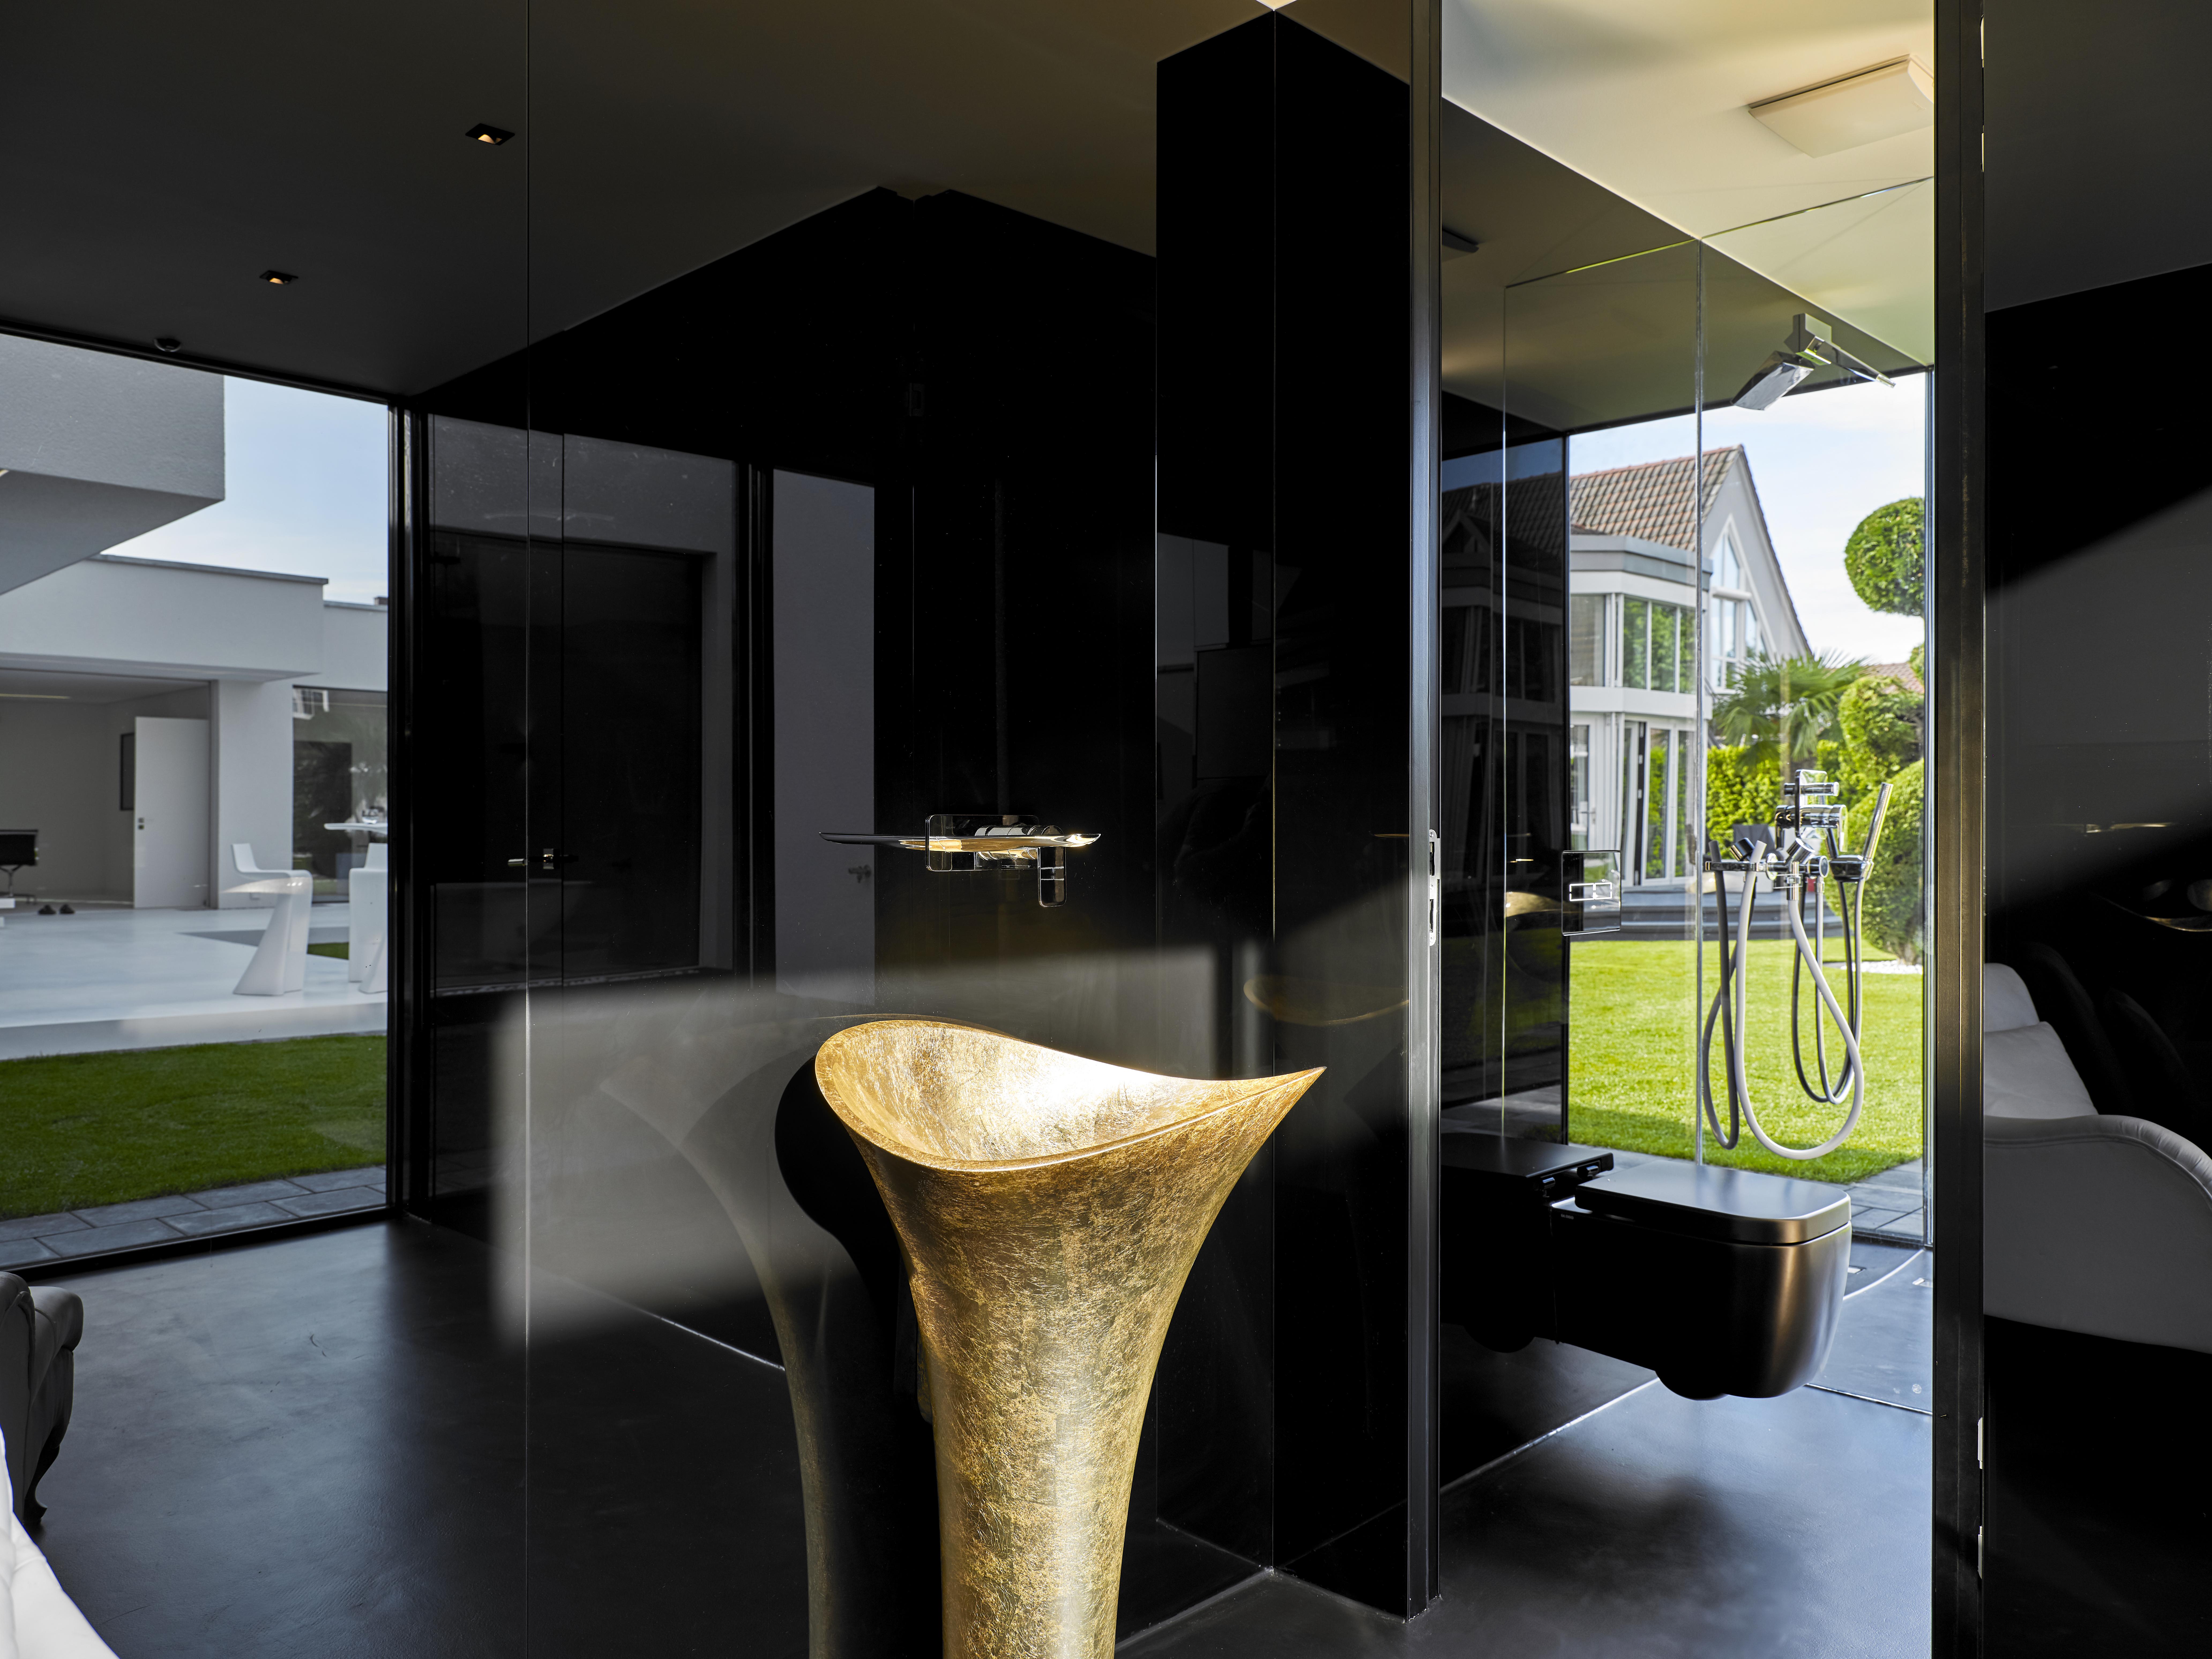 Ein schwarz gestaltetes Bad mit einem goldenen Waschbecken